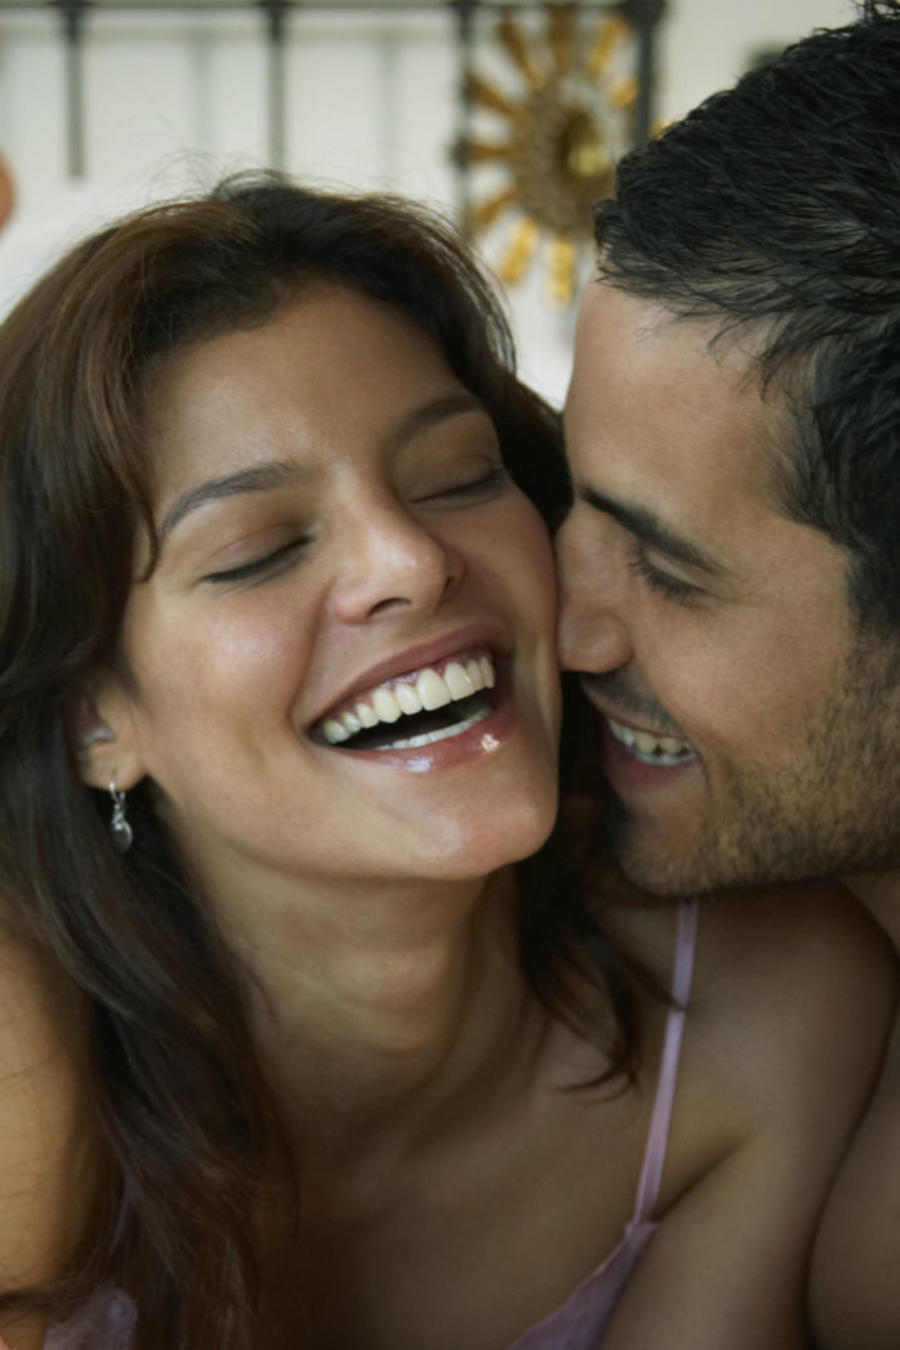 Hombre besando a una mujer en la mejilla